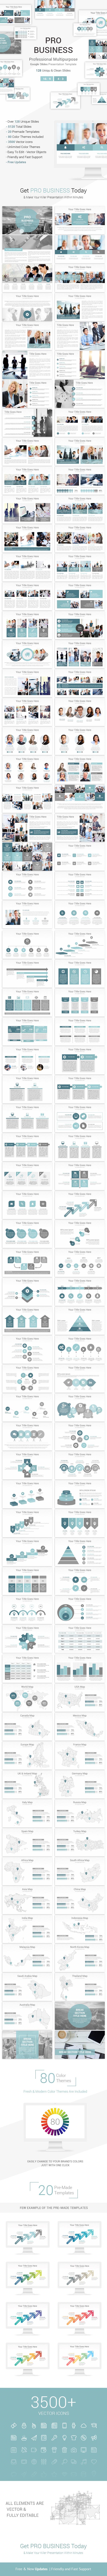 Pro Business Google Slides Presentation Template - Google Slides Presentation Templates